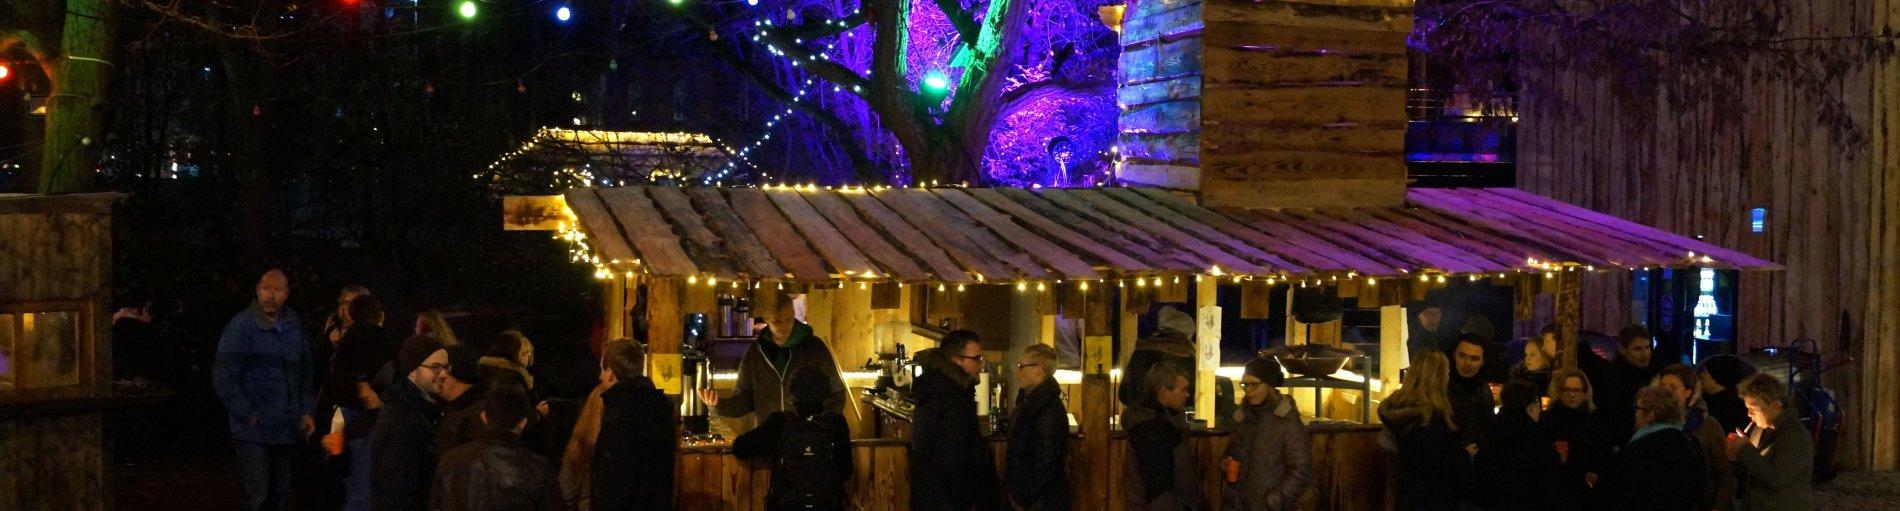 Eine Gruppe von Menschen steht an einer erleuchteten, aus Brettern gefertigten Bude an der Getränke ausgeschenkt werden. Ein Mann in der Bude bedient eine Kundin. Die anderen Menschen stehen in kleinen Gruppen zusammen und unterhalten sich.